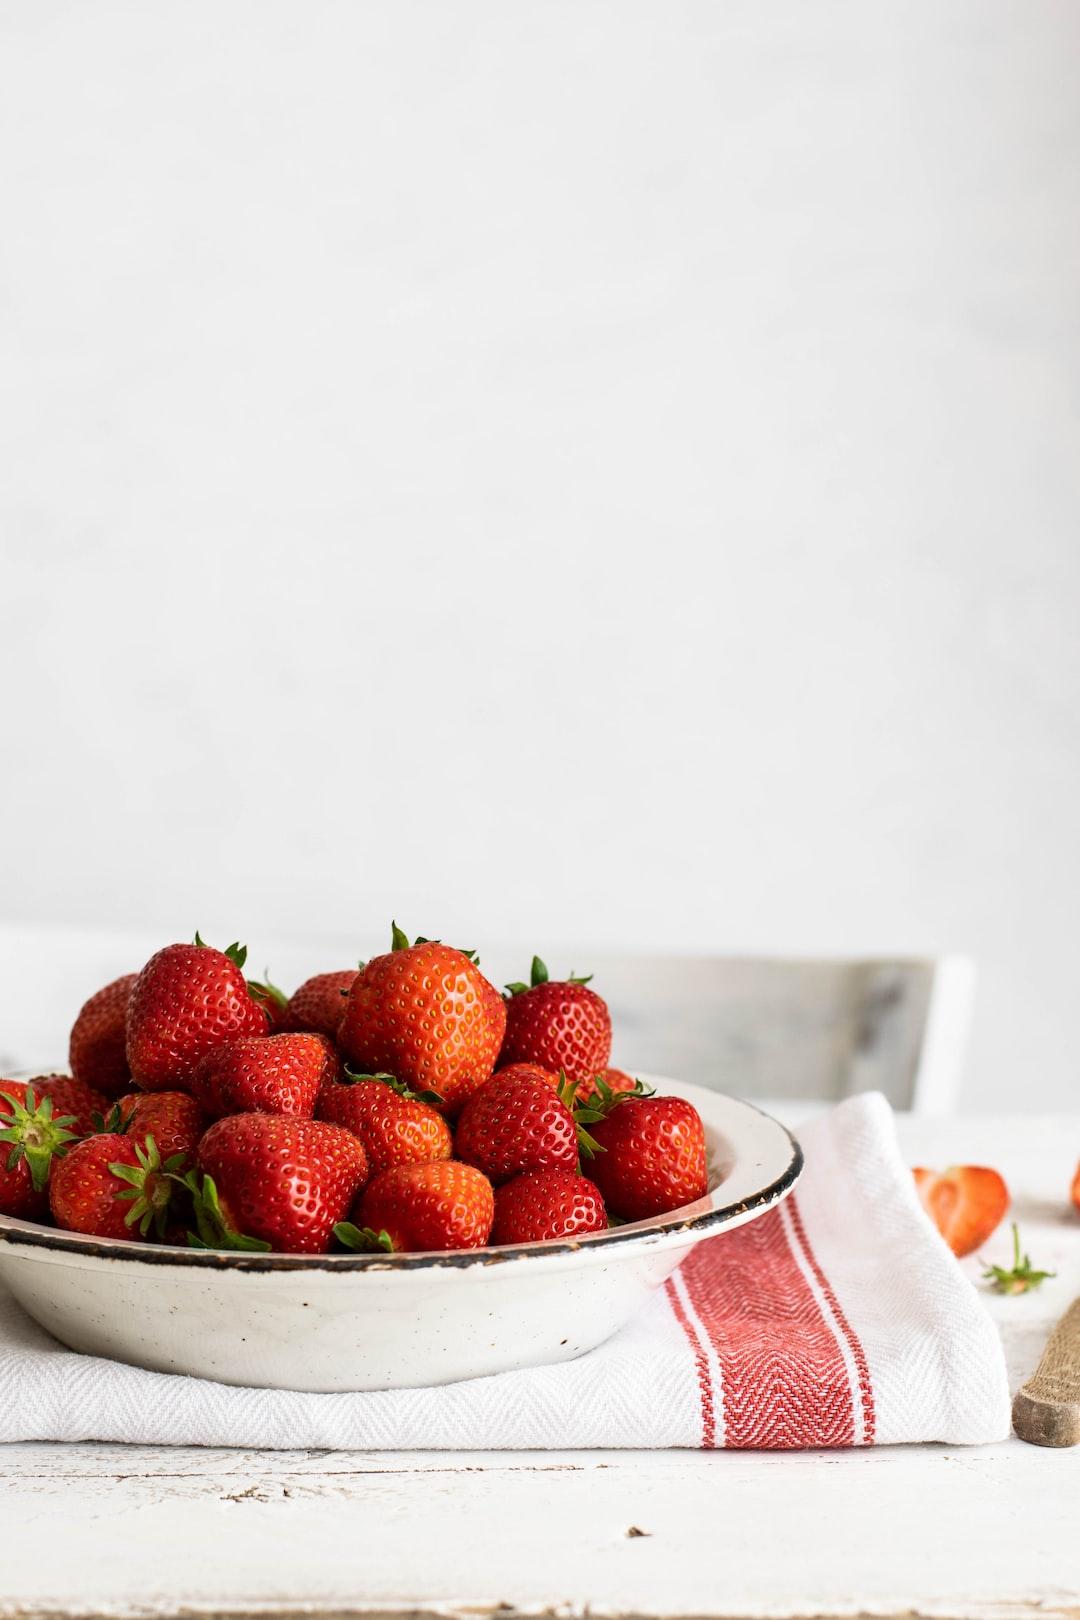 Strawberries - the best seasonal fruit